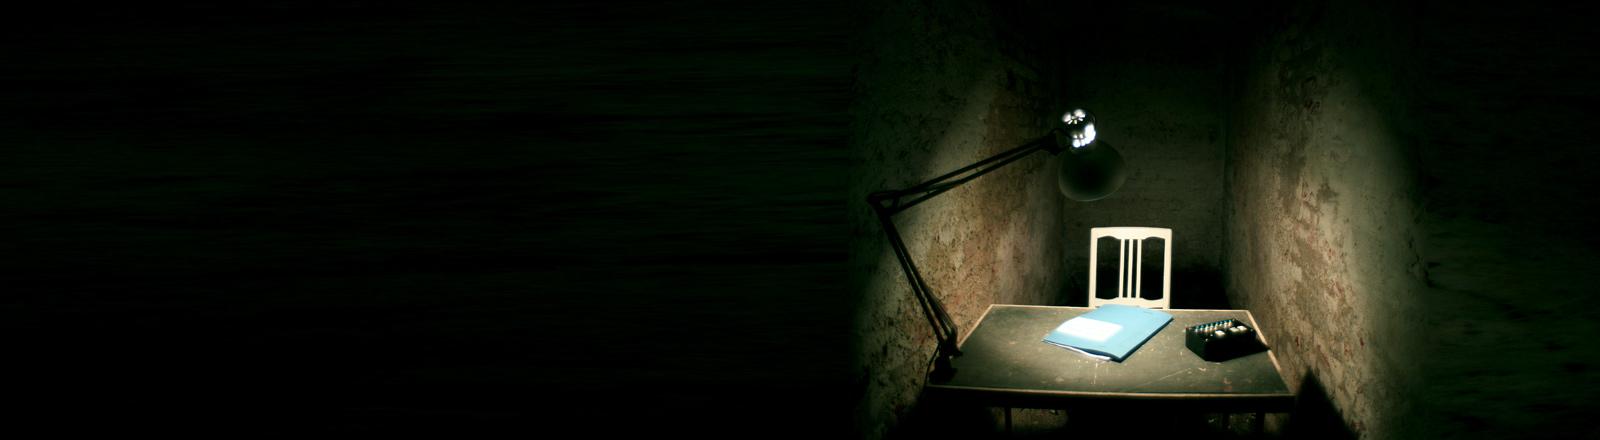 Ein Schreibtisch in einem kleinen, dunklen Raum.